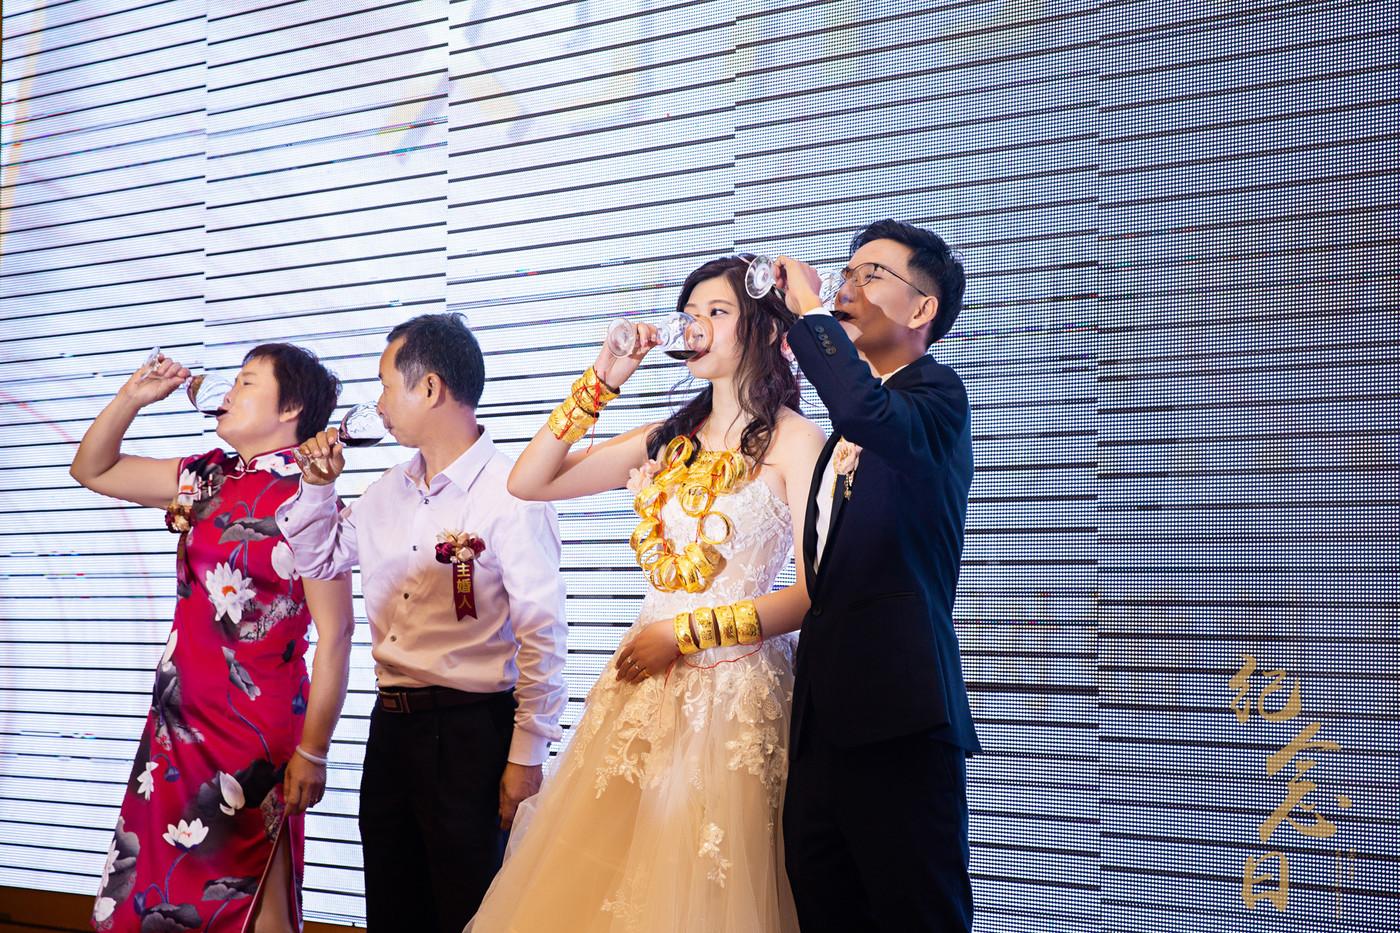 婚礼 | 志明&琳琳80